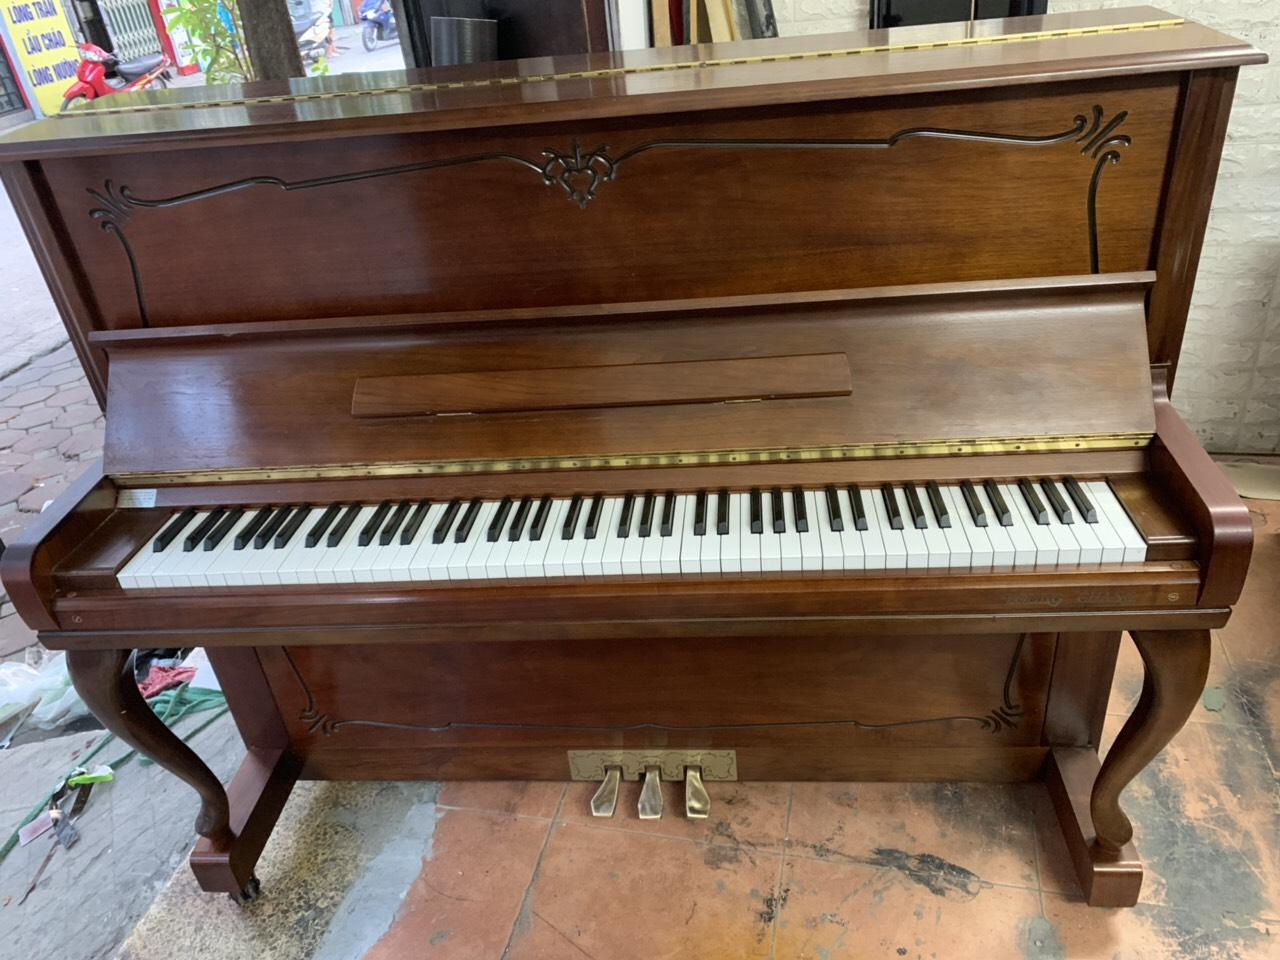 Upright Piano Young Chang chân hươu màu nâu sơn mờ